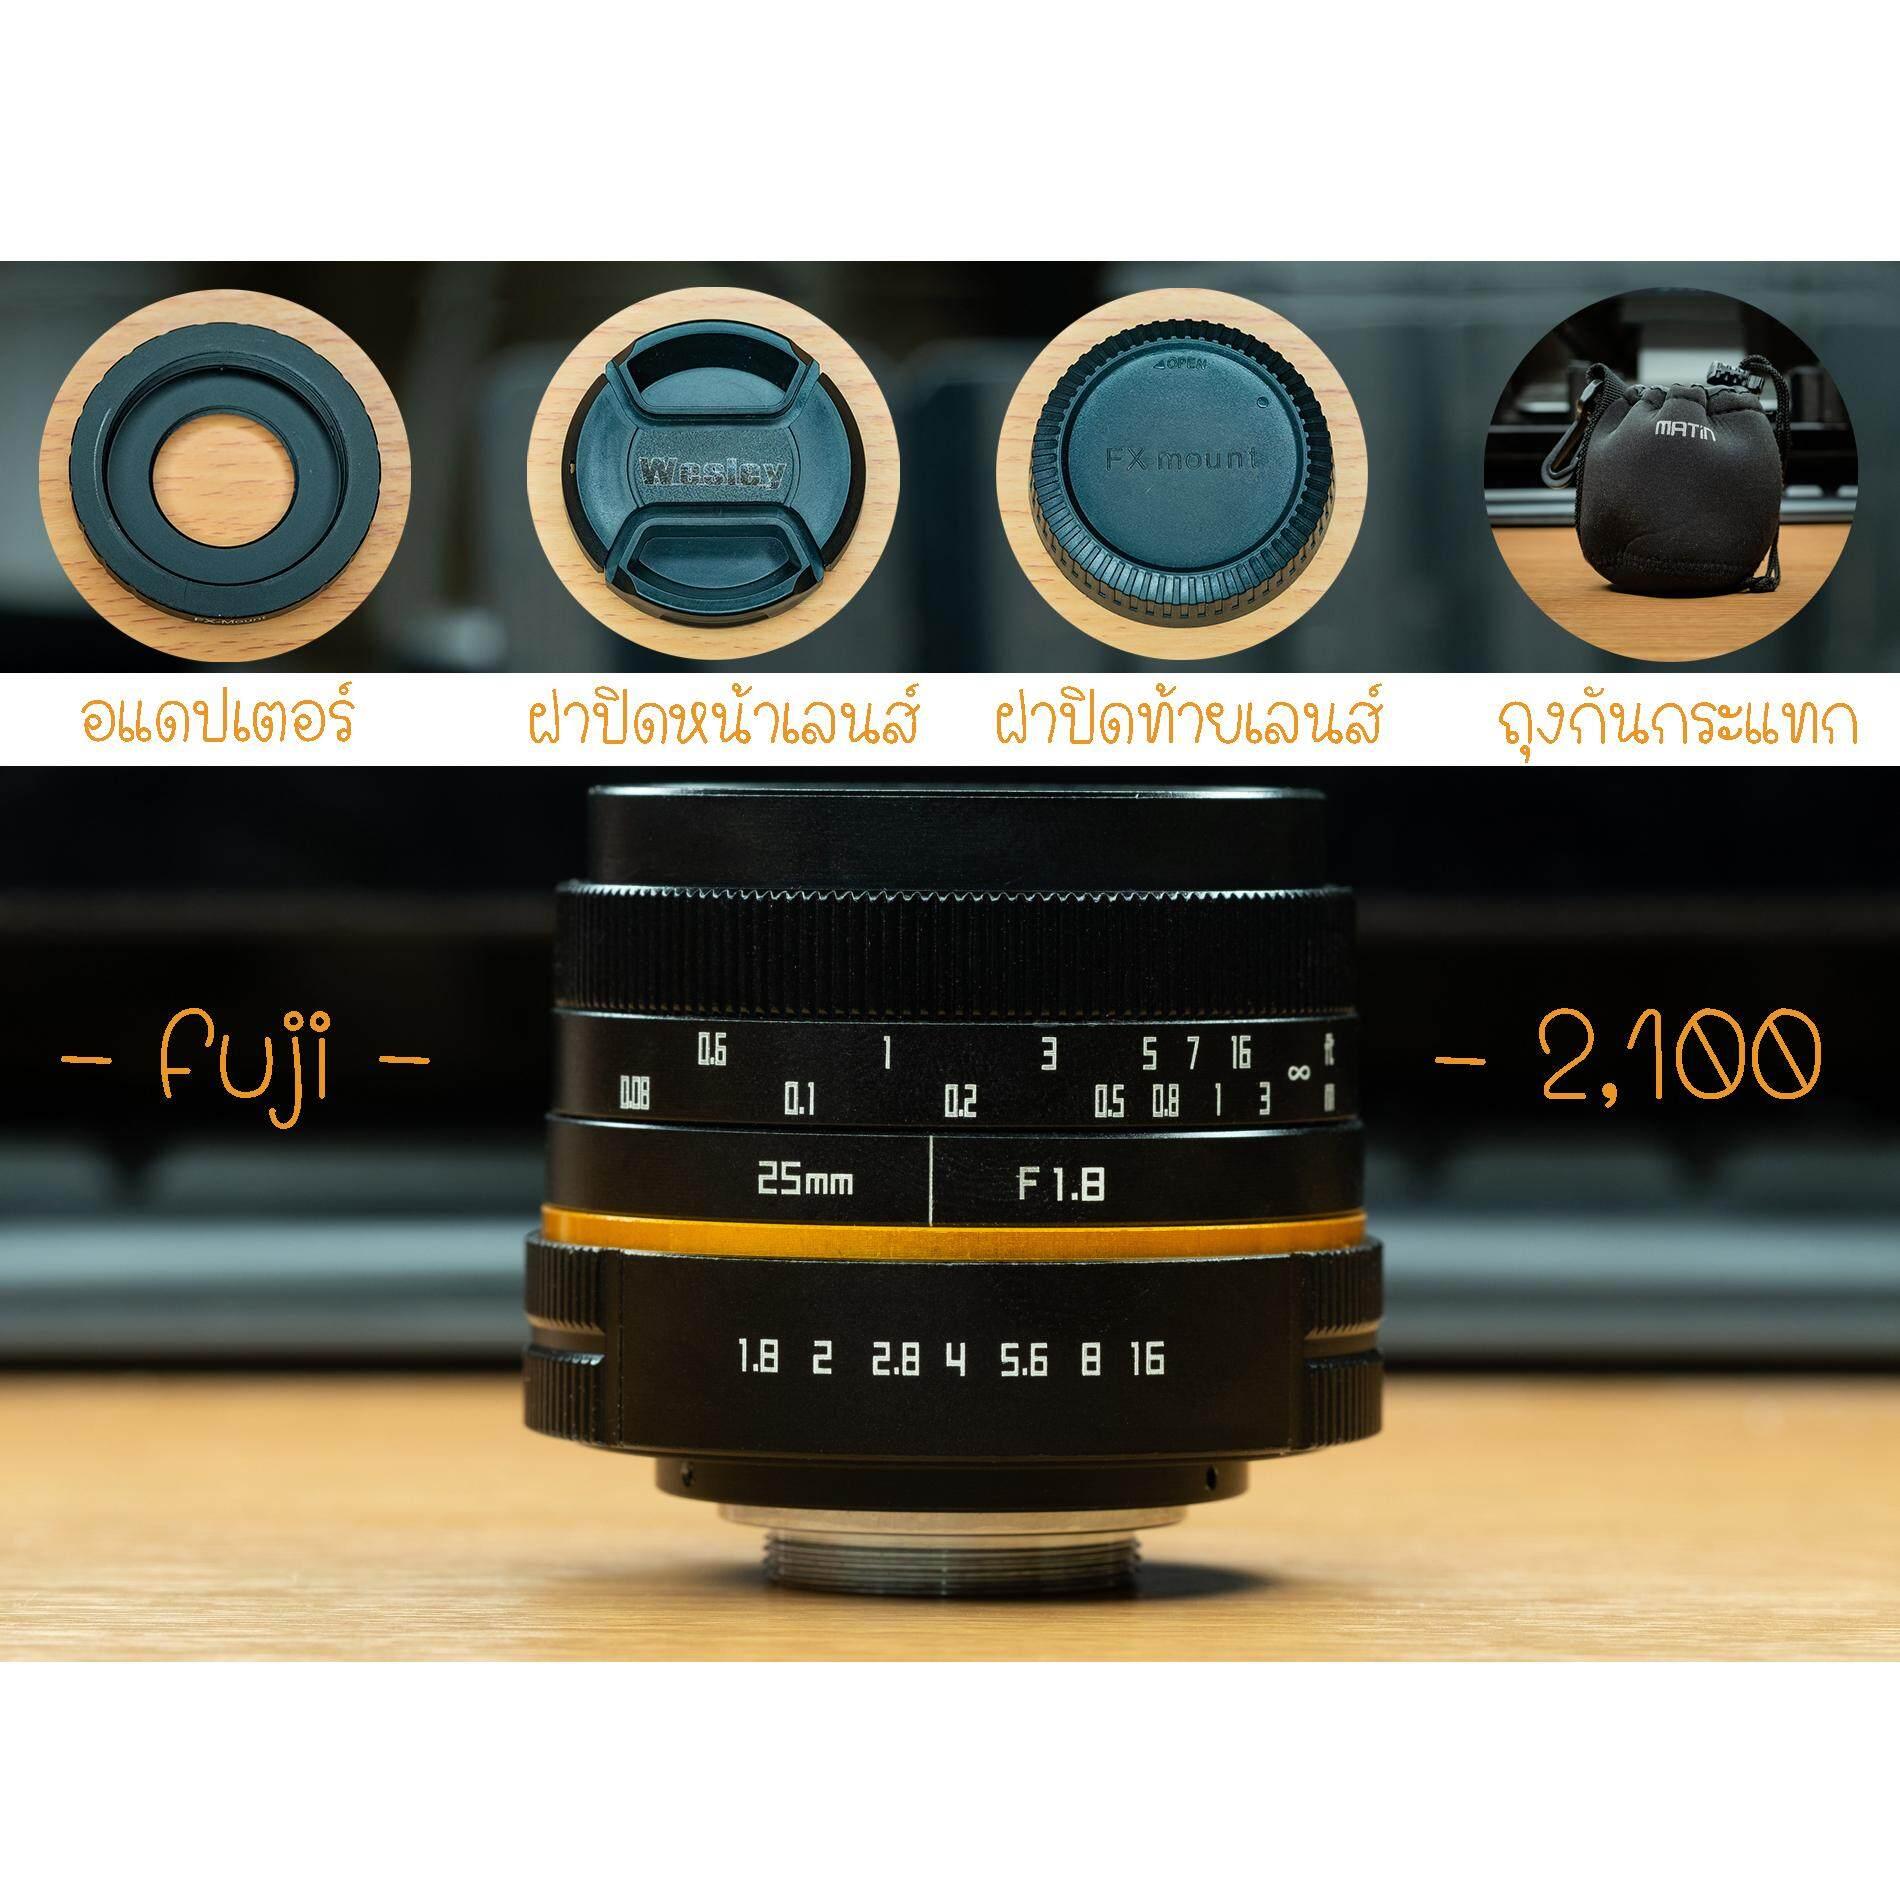 เลนส์มือหมุน Apsc 25mm Gold Edtion (wesley) F1.8 For Fujifilm (black).